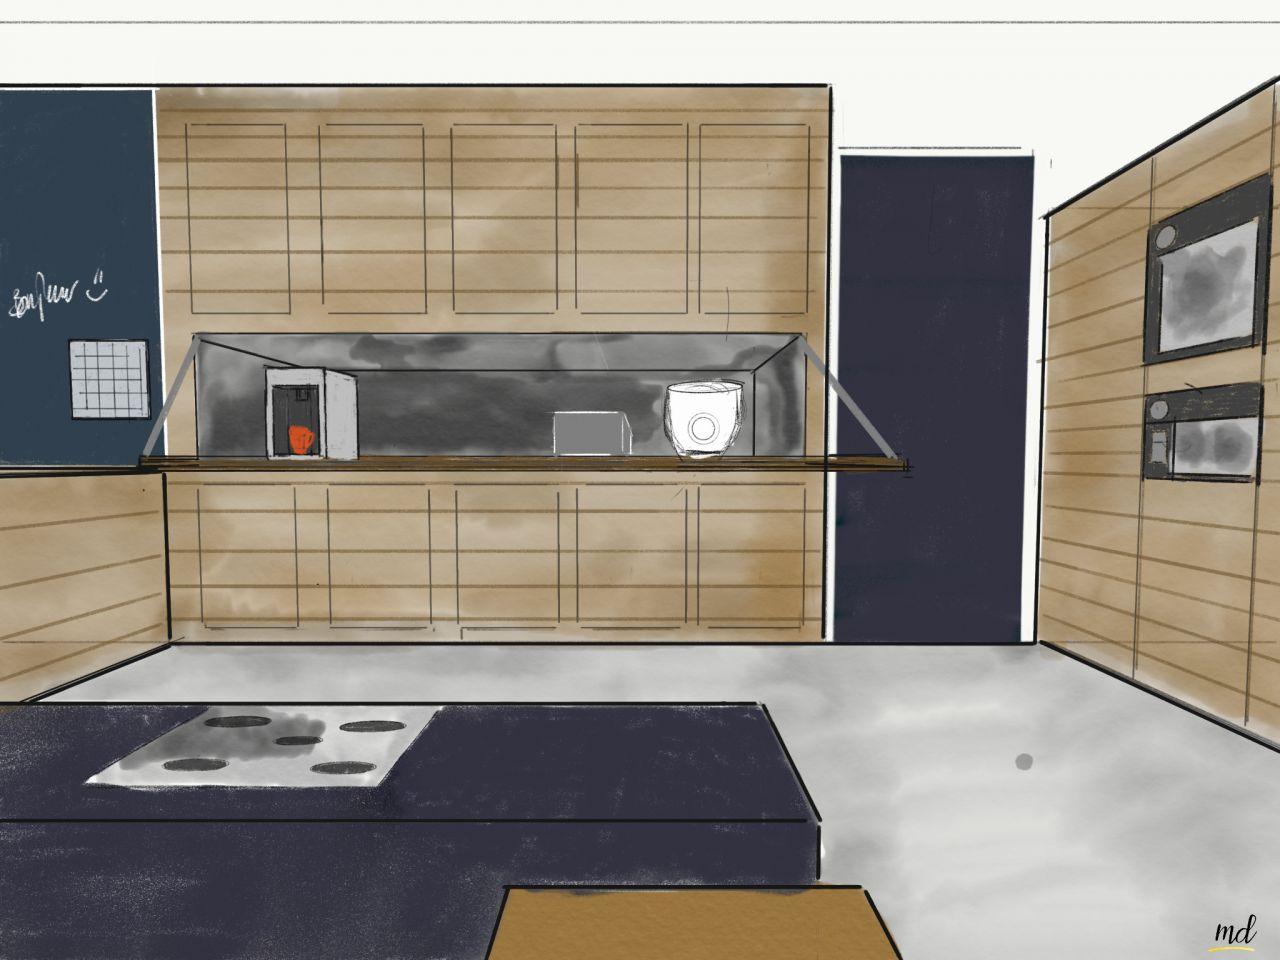 La cuisine : Note importante : nous voulons éviter tout électroménager visible. Nous souhaitions donc le camoufler dans les meubles armoire.